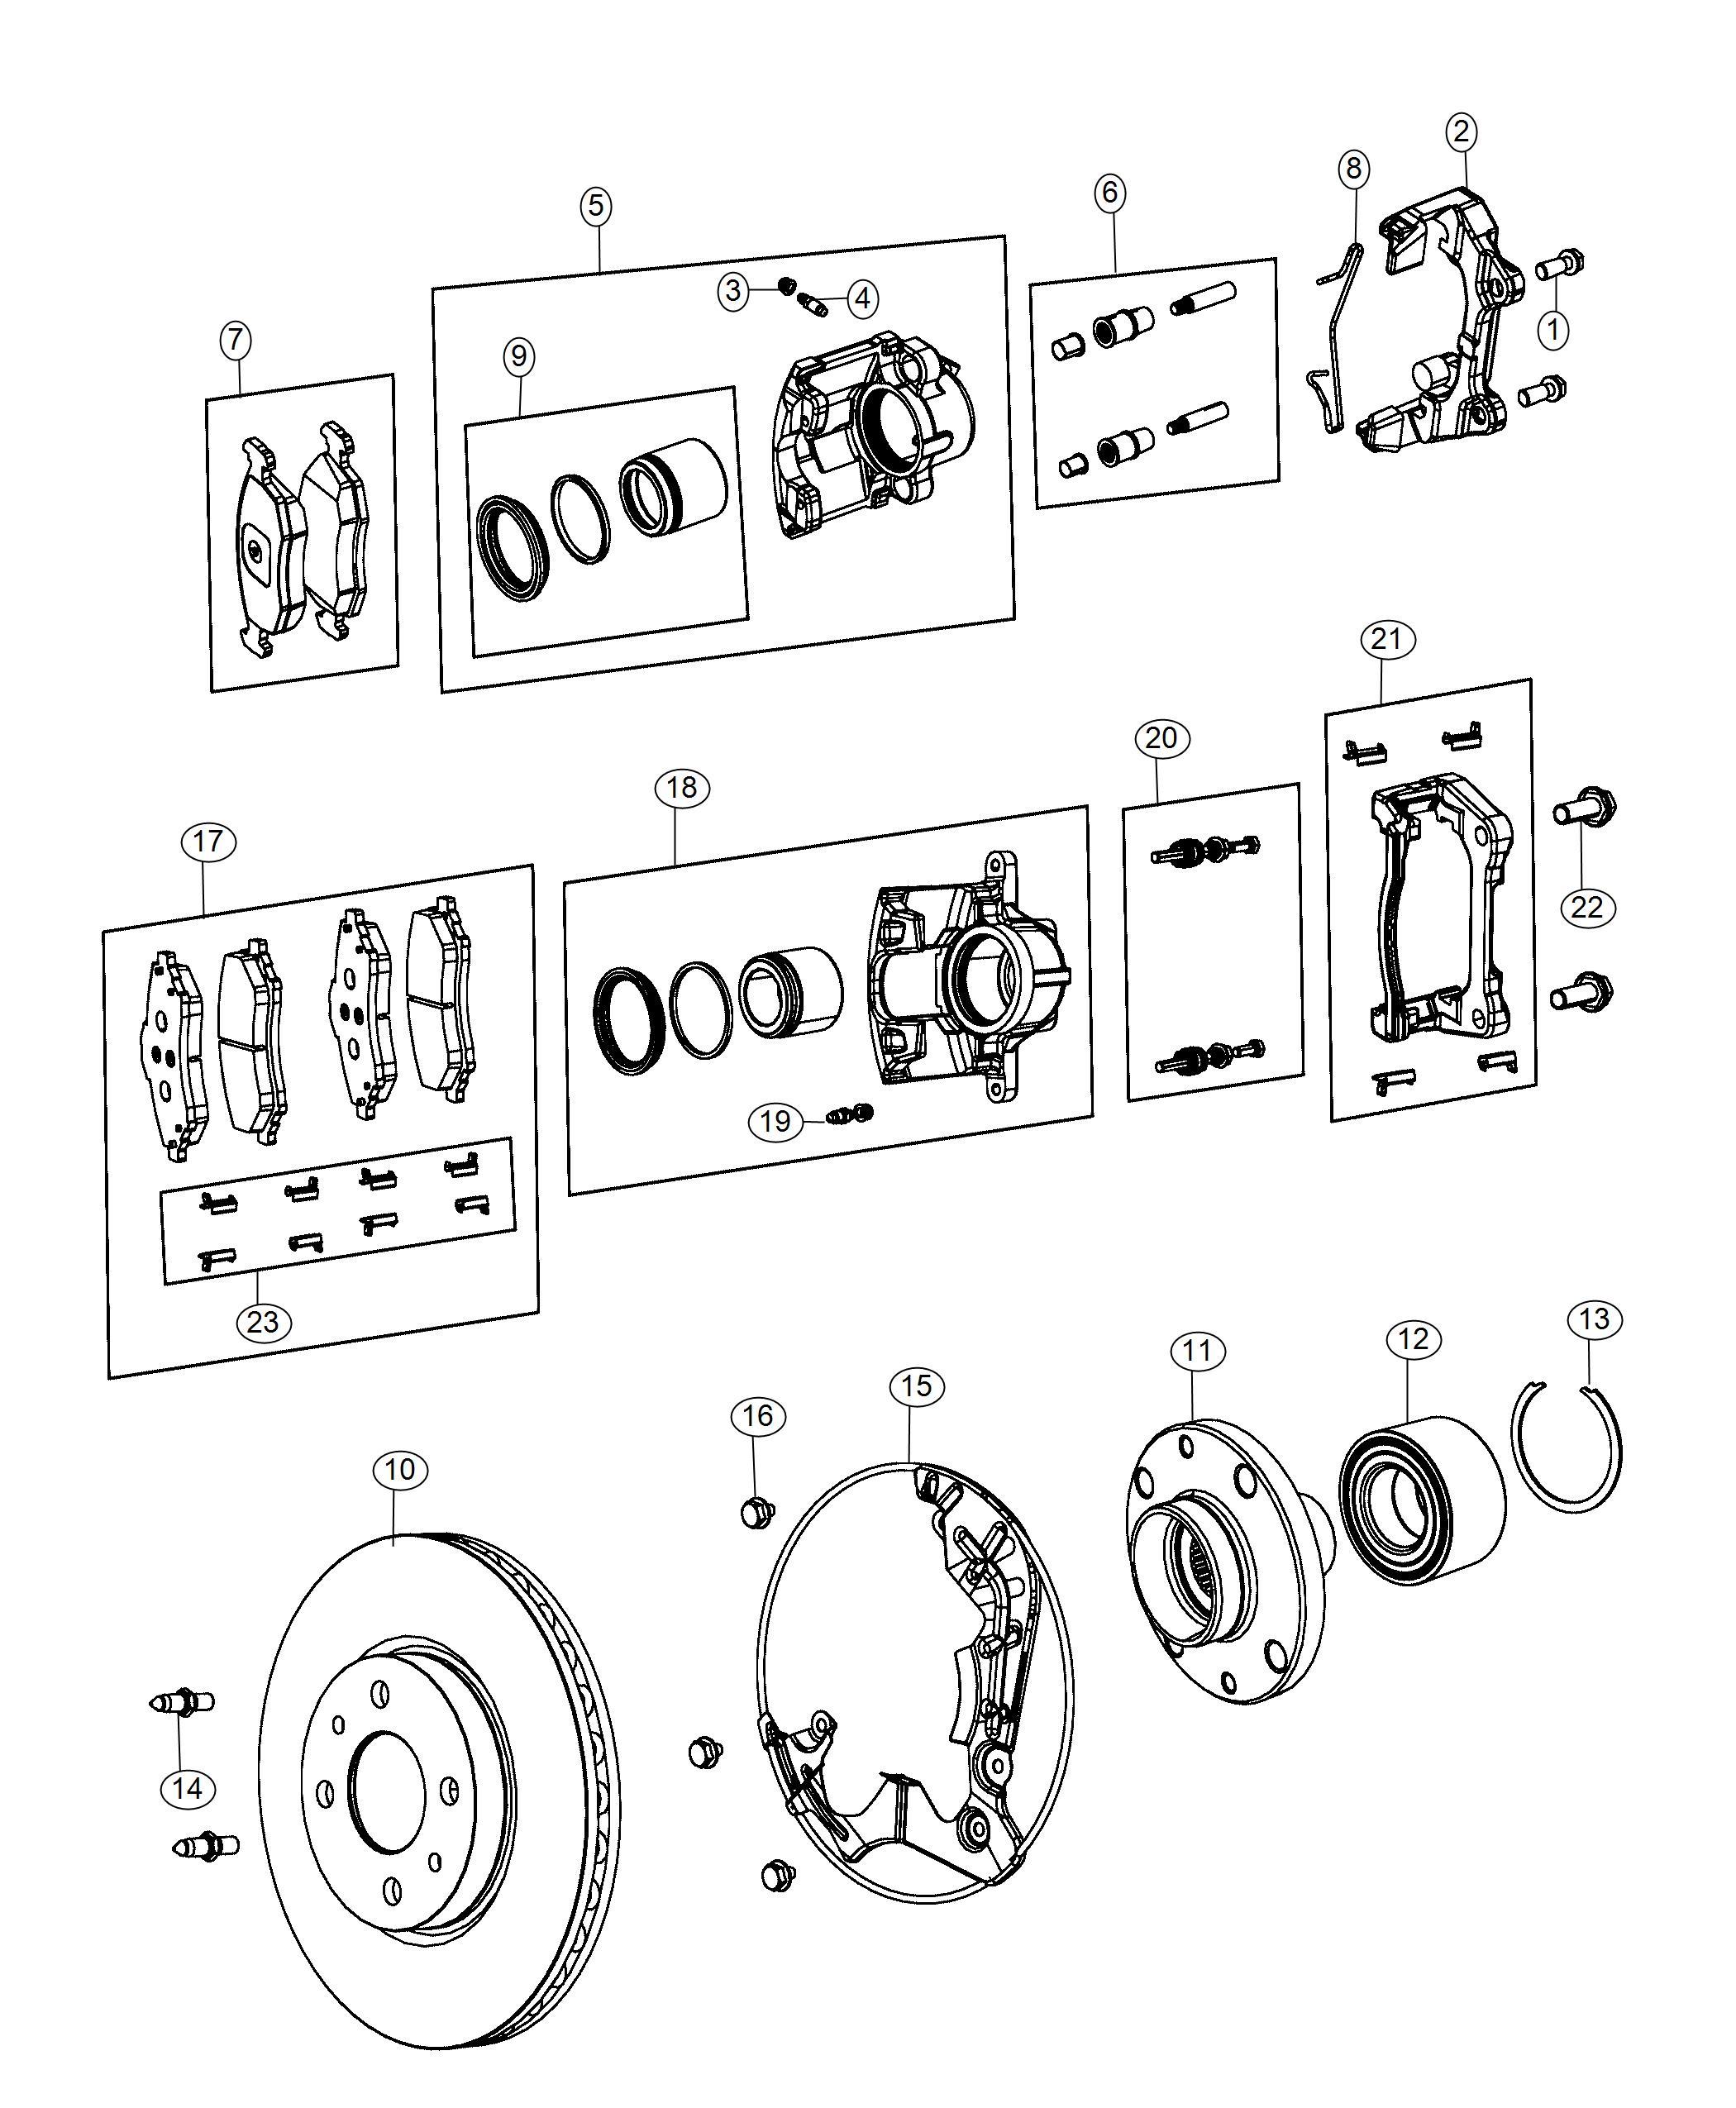 2018 fiat 500e caliper assembly  disc brake  front  right  brakes  wheel  brd